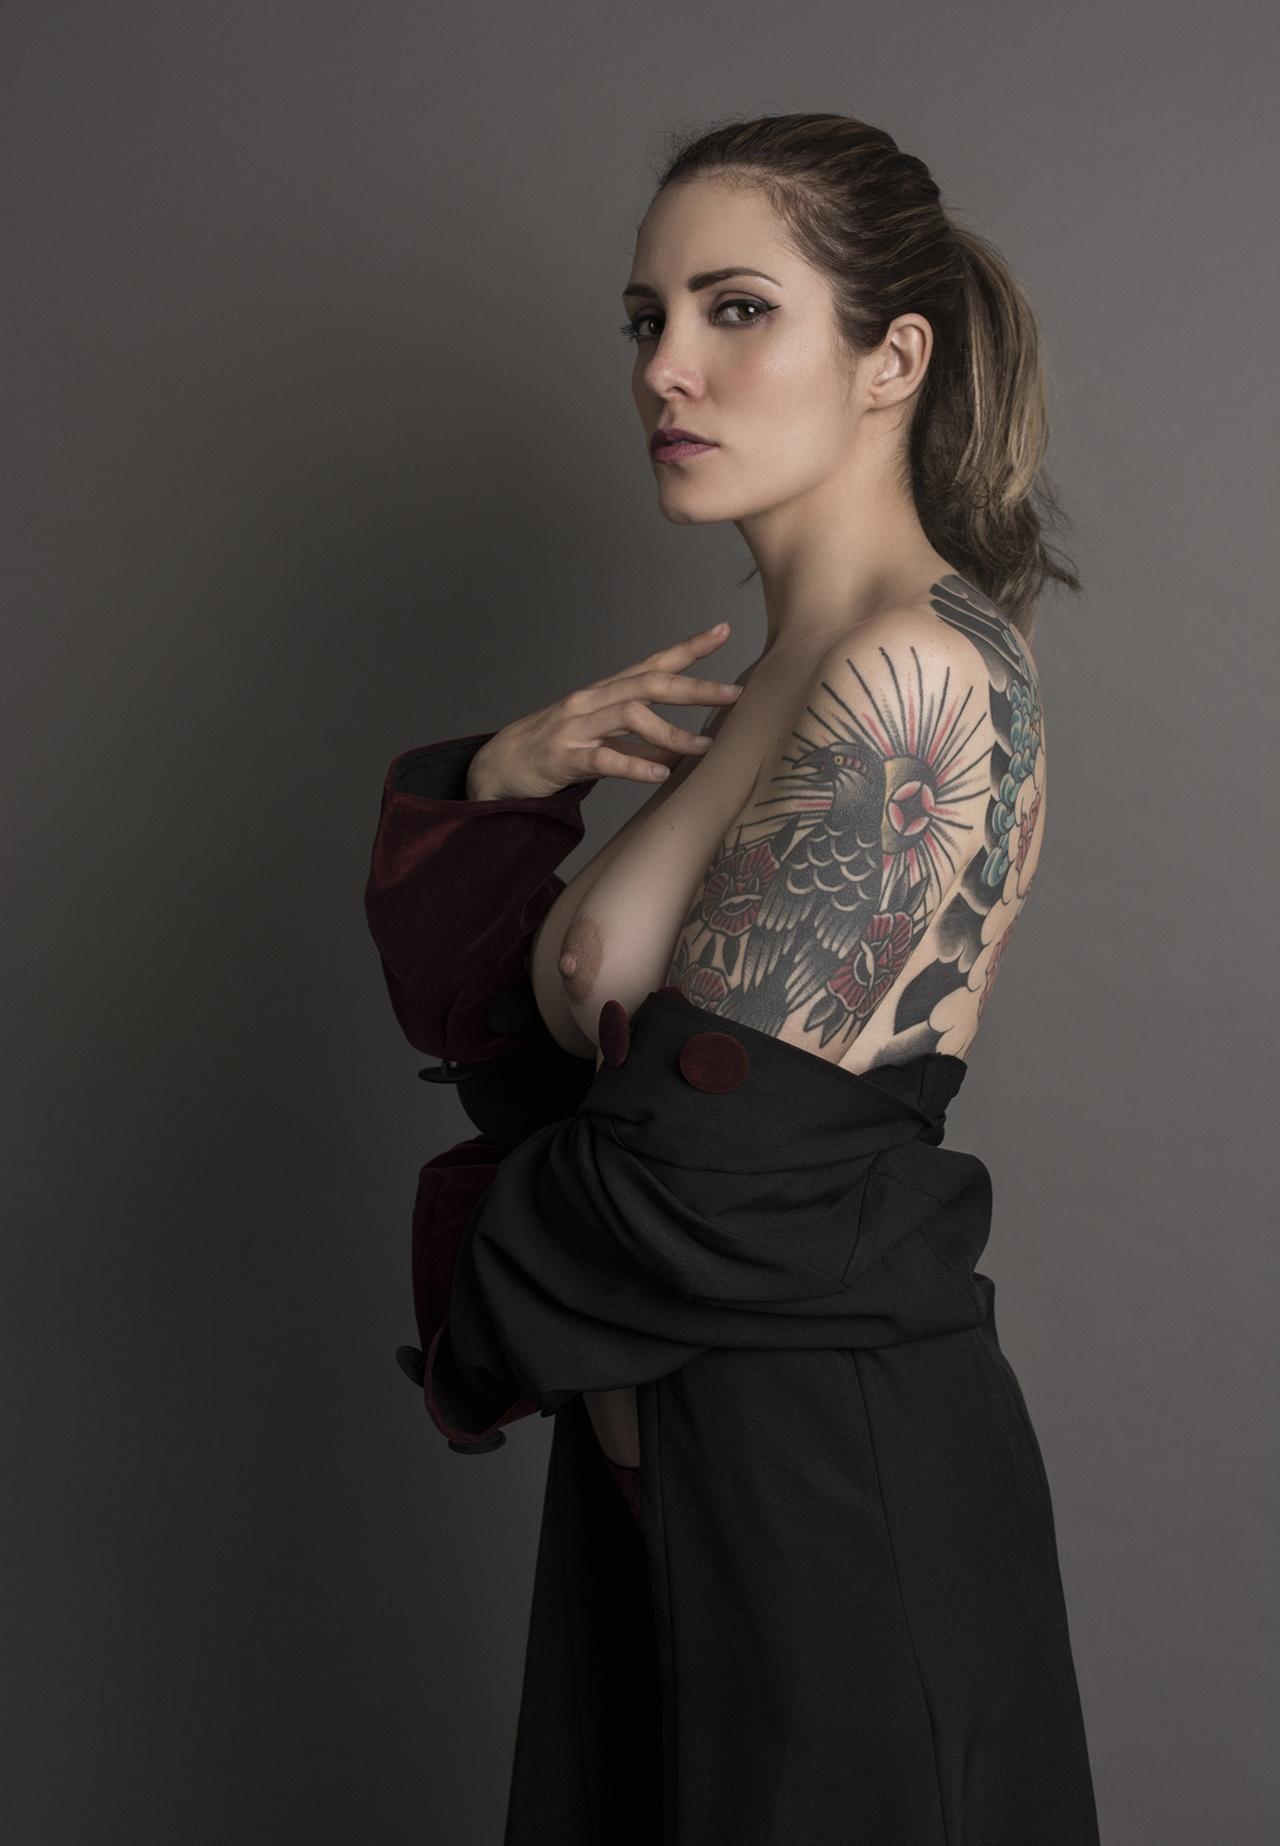 Charlotte - Acceso gratuito - Desnudo, semidesnudo y boudoir. Fotografía por Javier Cuevas